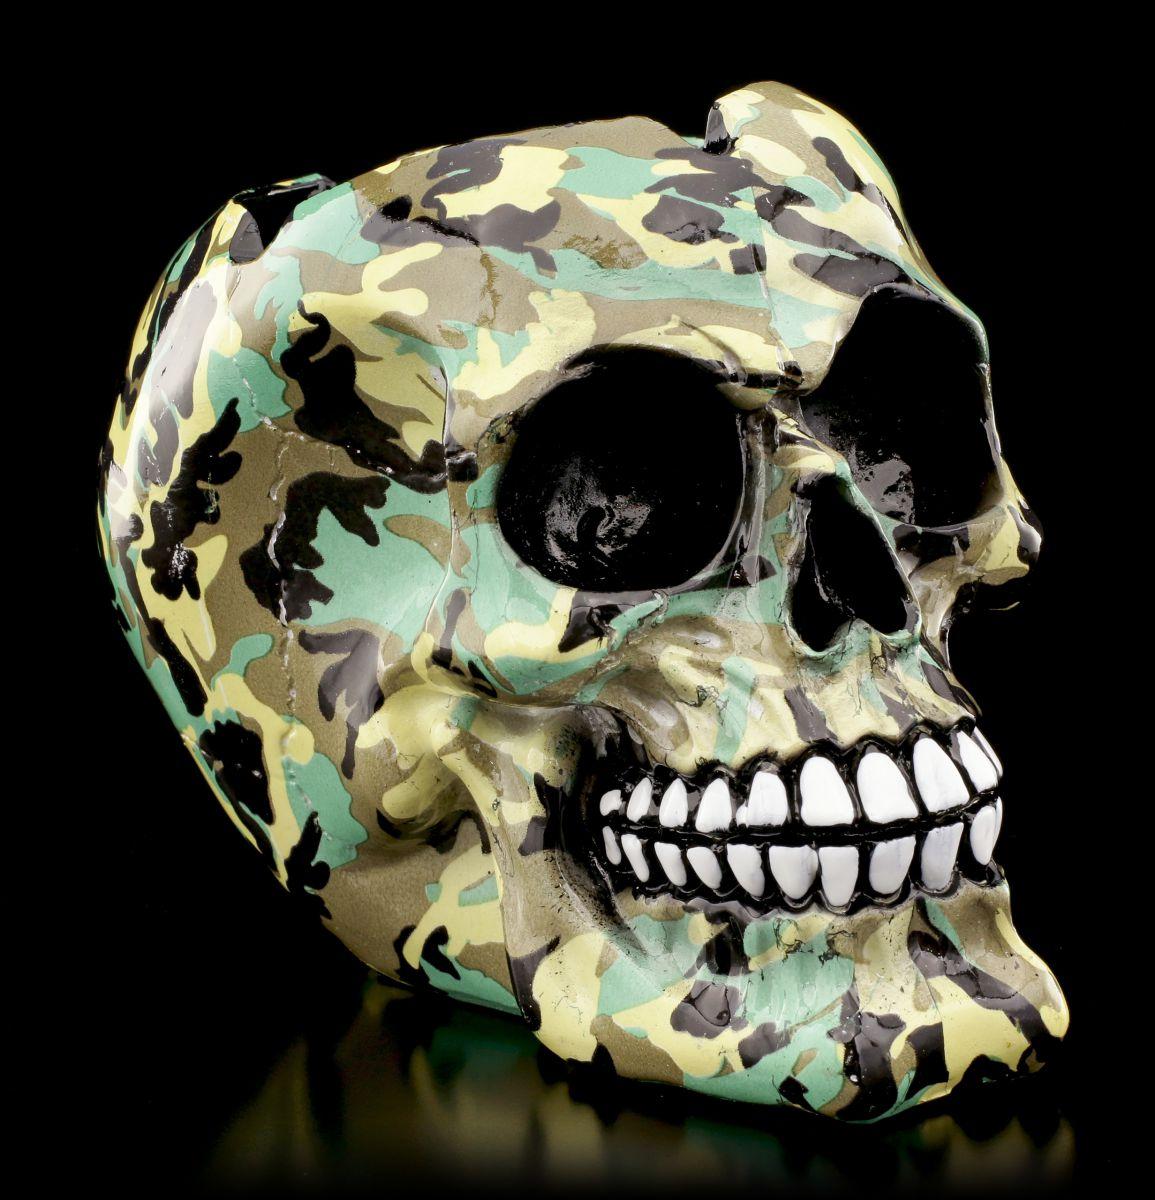 Bunter Totenkopf Aschenbecher Camouflage Gothic Schädel Ascher Deko